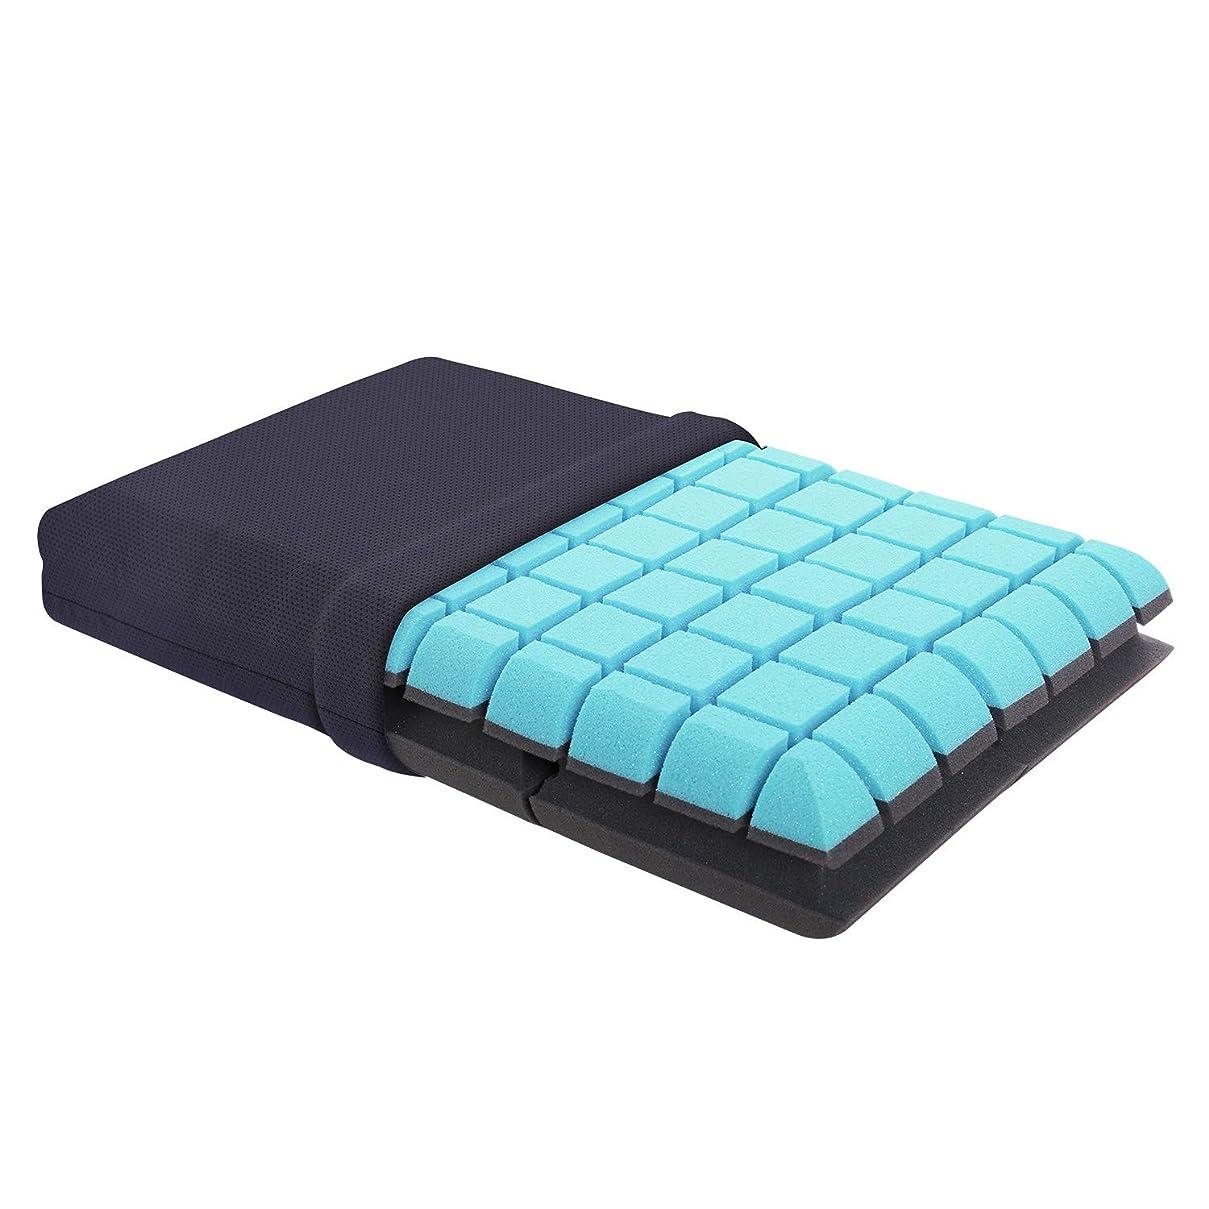 活力活発熟達Gunap ピクセルベッド枕 睡眠用 3D幾何学構造 人間工学的サポート 通気性CertiPUR-US認証メモリーフォーム枕 涼しく快適な睡眠 標準サイズ 22 x 14 x 4インチ